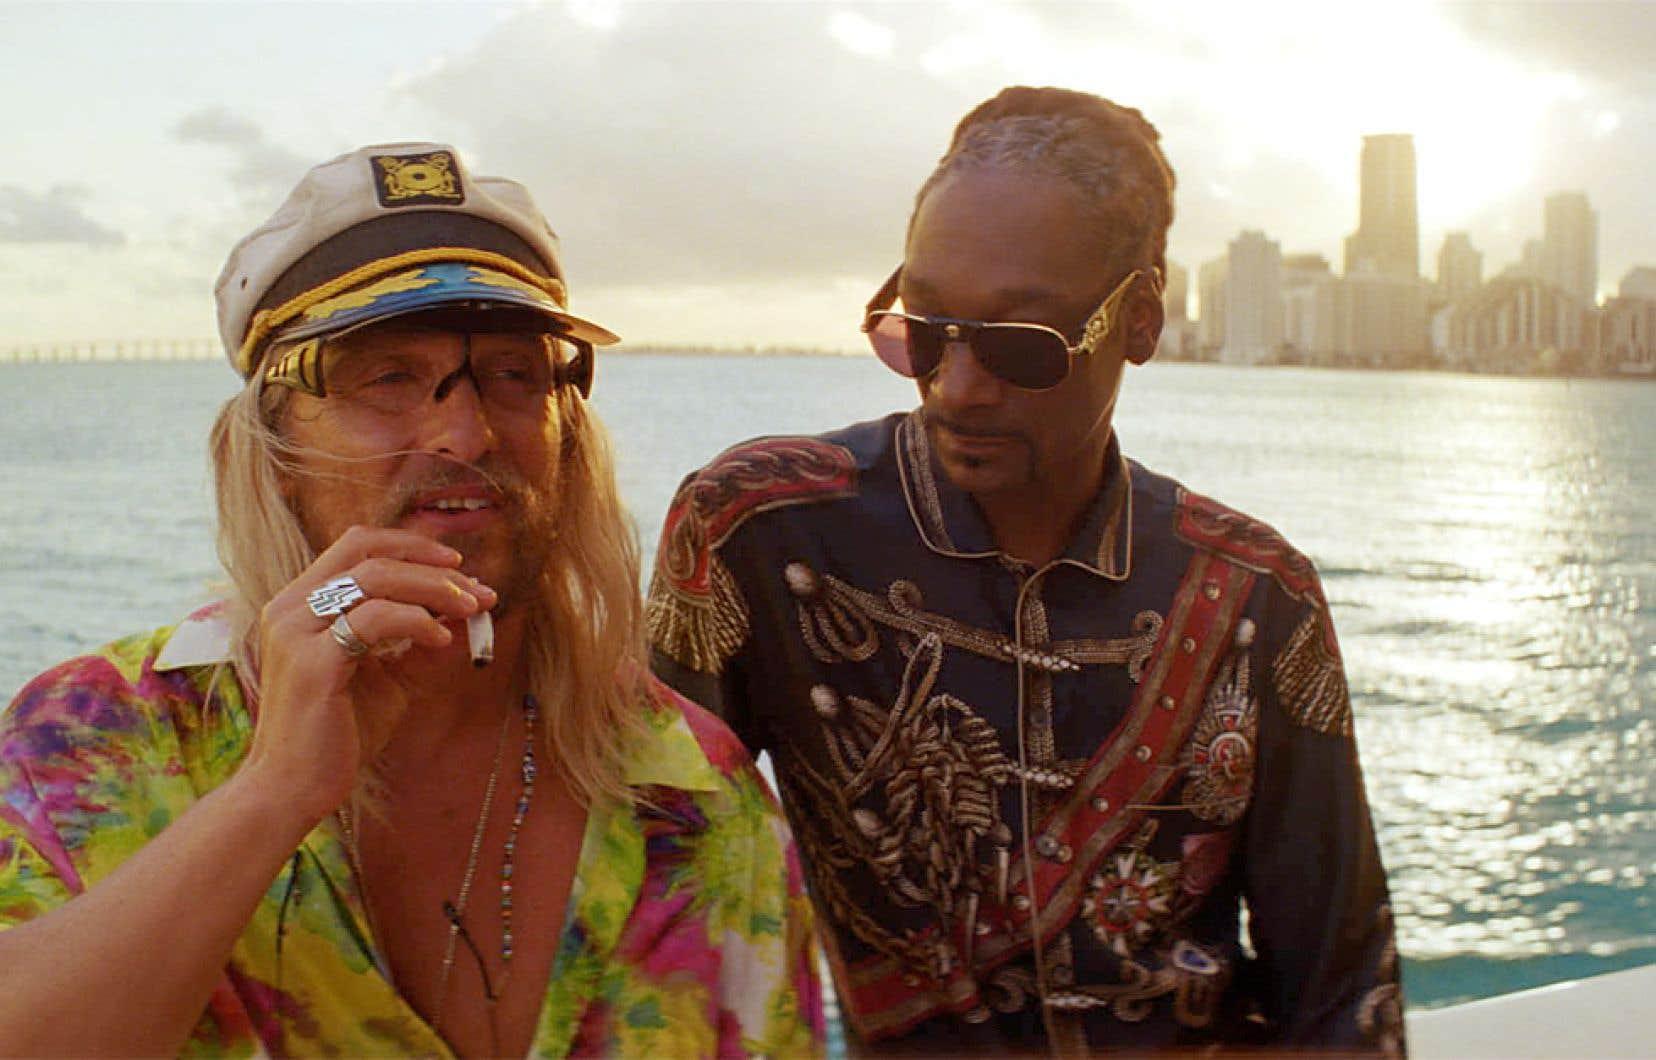 Le jeu dénué d'affectation de Snoop Dogg offre un contraste révélateur avec celui, hyperposeur, de la star Matthew McConaughey.